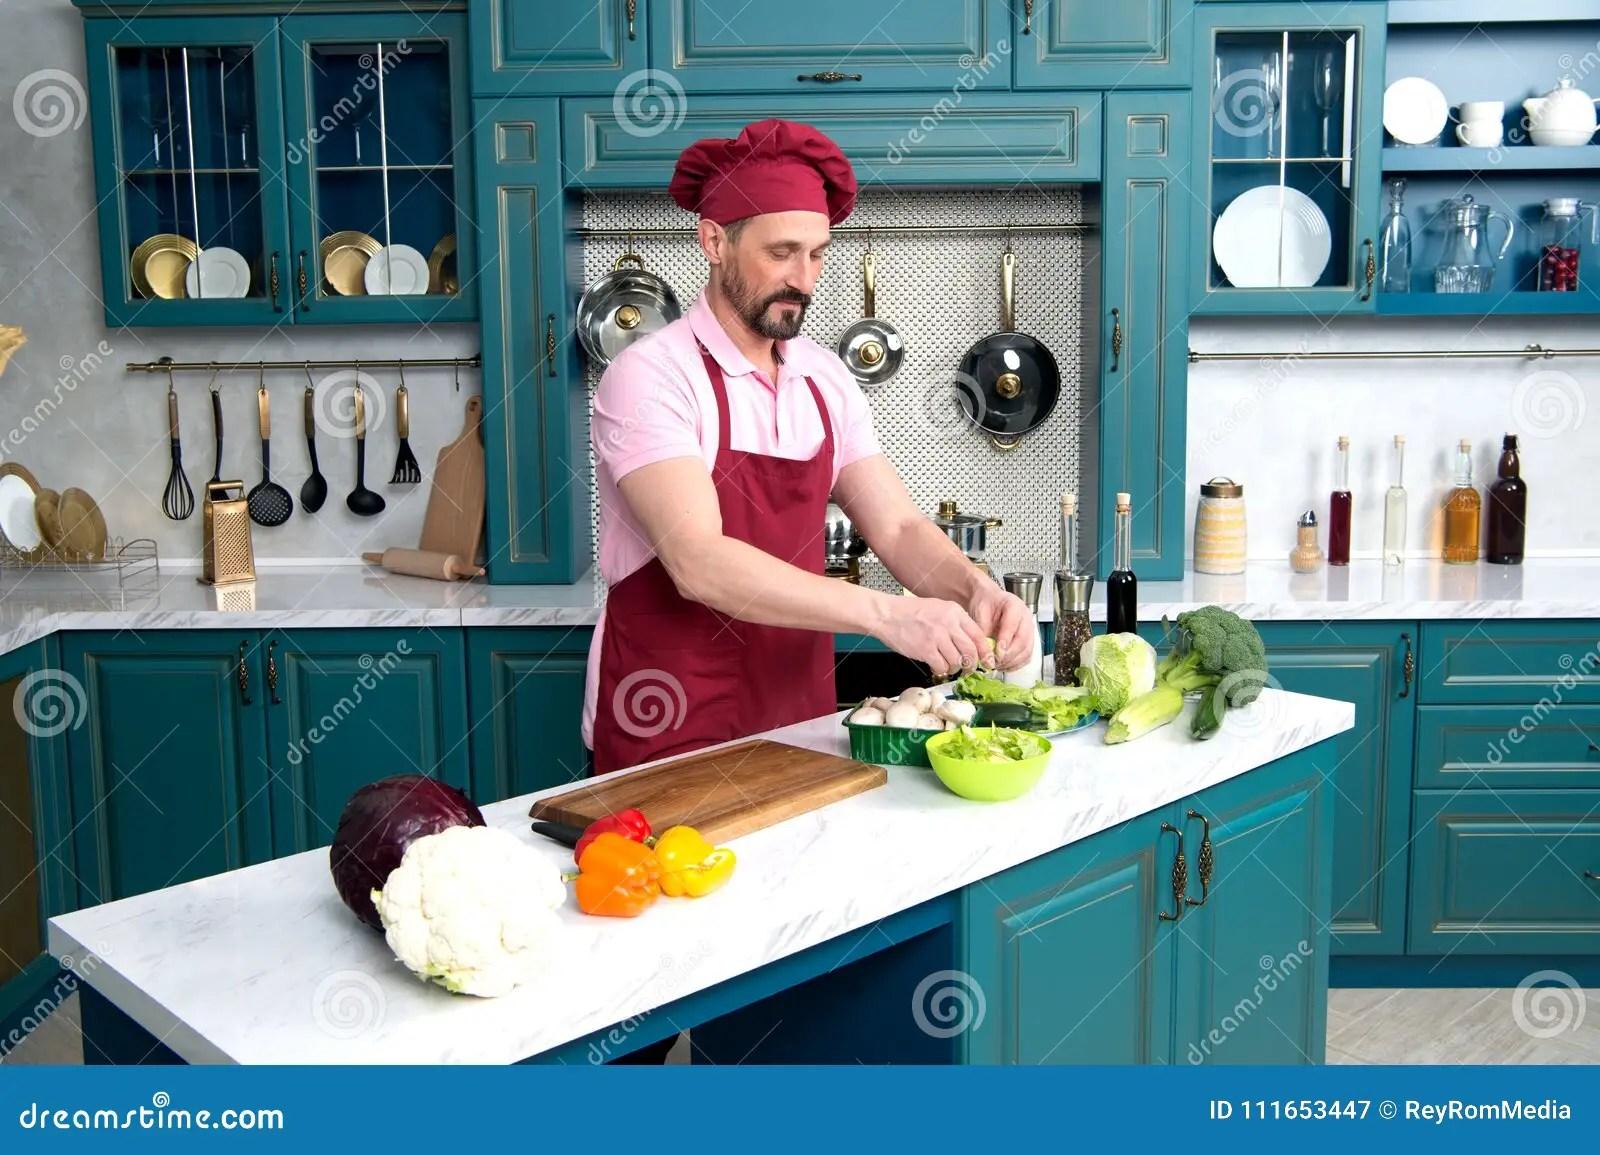 kitchen prep table one hole faucet 烹调盘厨房尝试的主厨厨房的人烹调新鲜的素食早餐人的准备与绿色菜的沙拉 厨房的人烹调新鲜的素食早餐人的准备与绿色菜的沙拉烹调盘厨房尝试的主厨为晚餐烹调的新鲜蔬菜微笑的愉快的厨师在白色桌做了沙拉